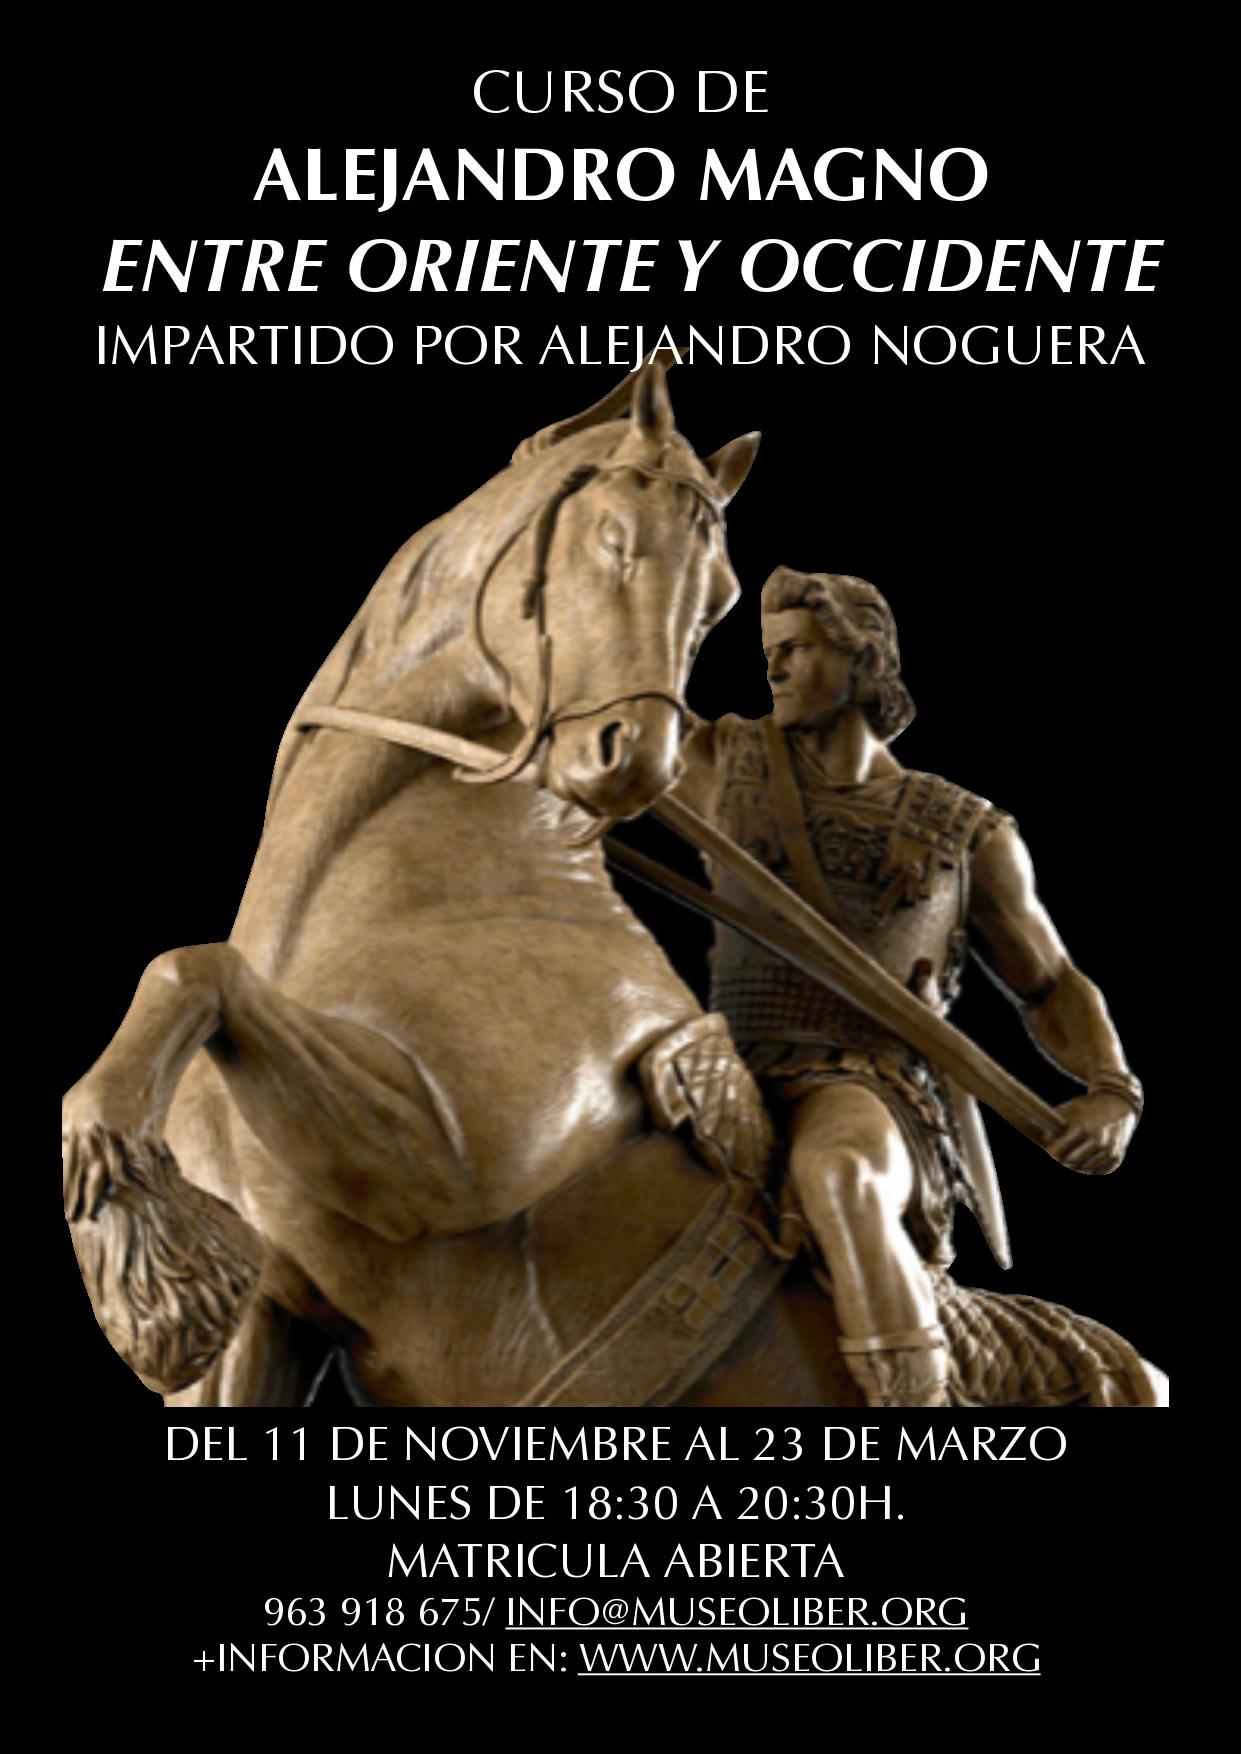 Curso Alejandro Magno: La unión entre oriente y occidente